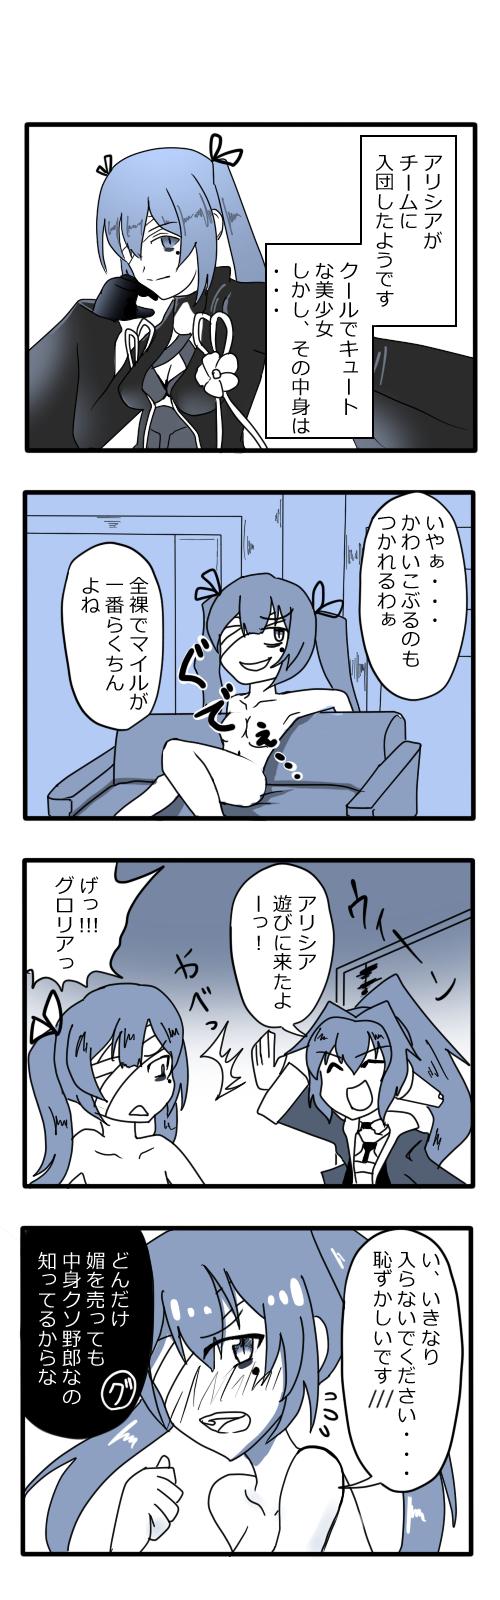 ぽんこつ009